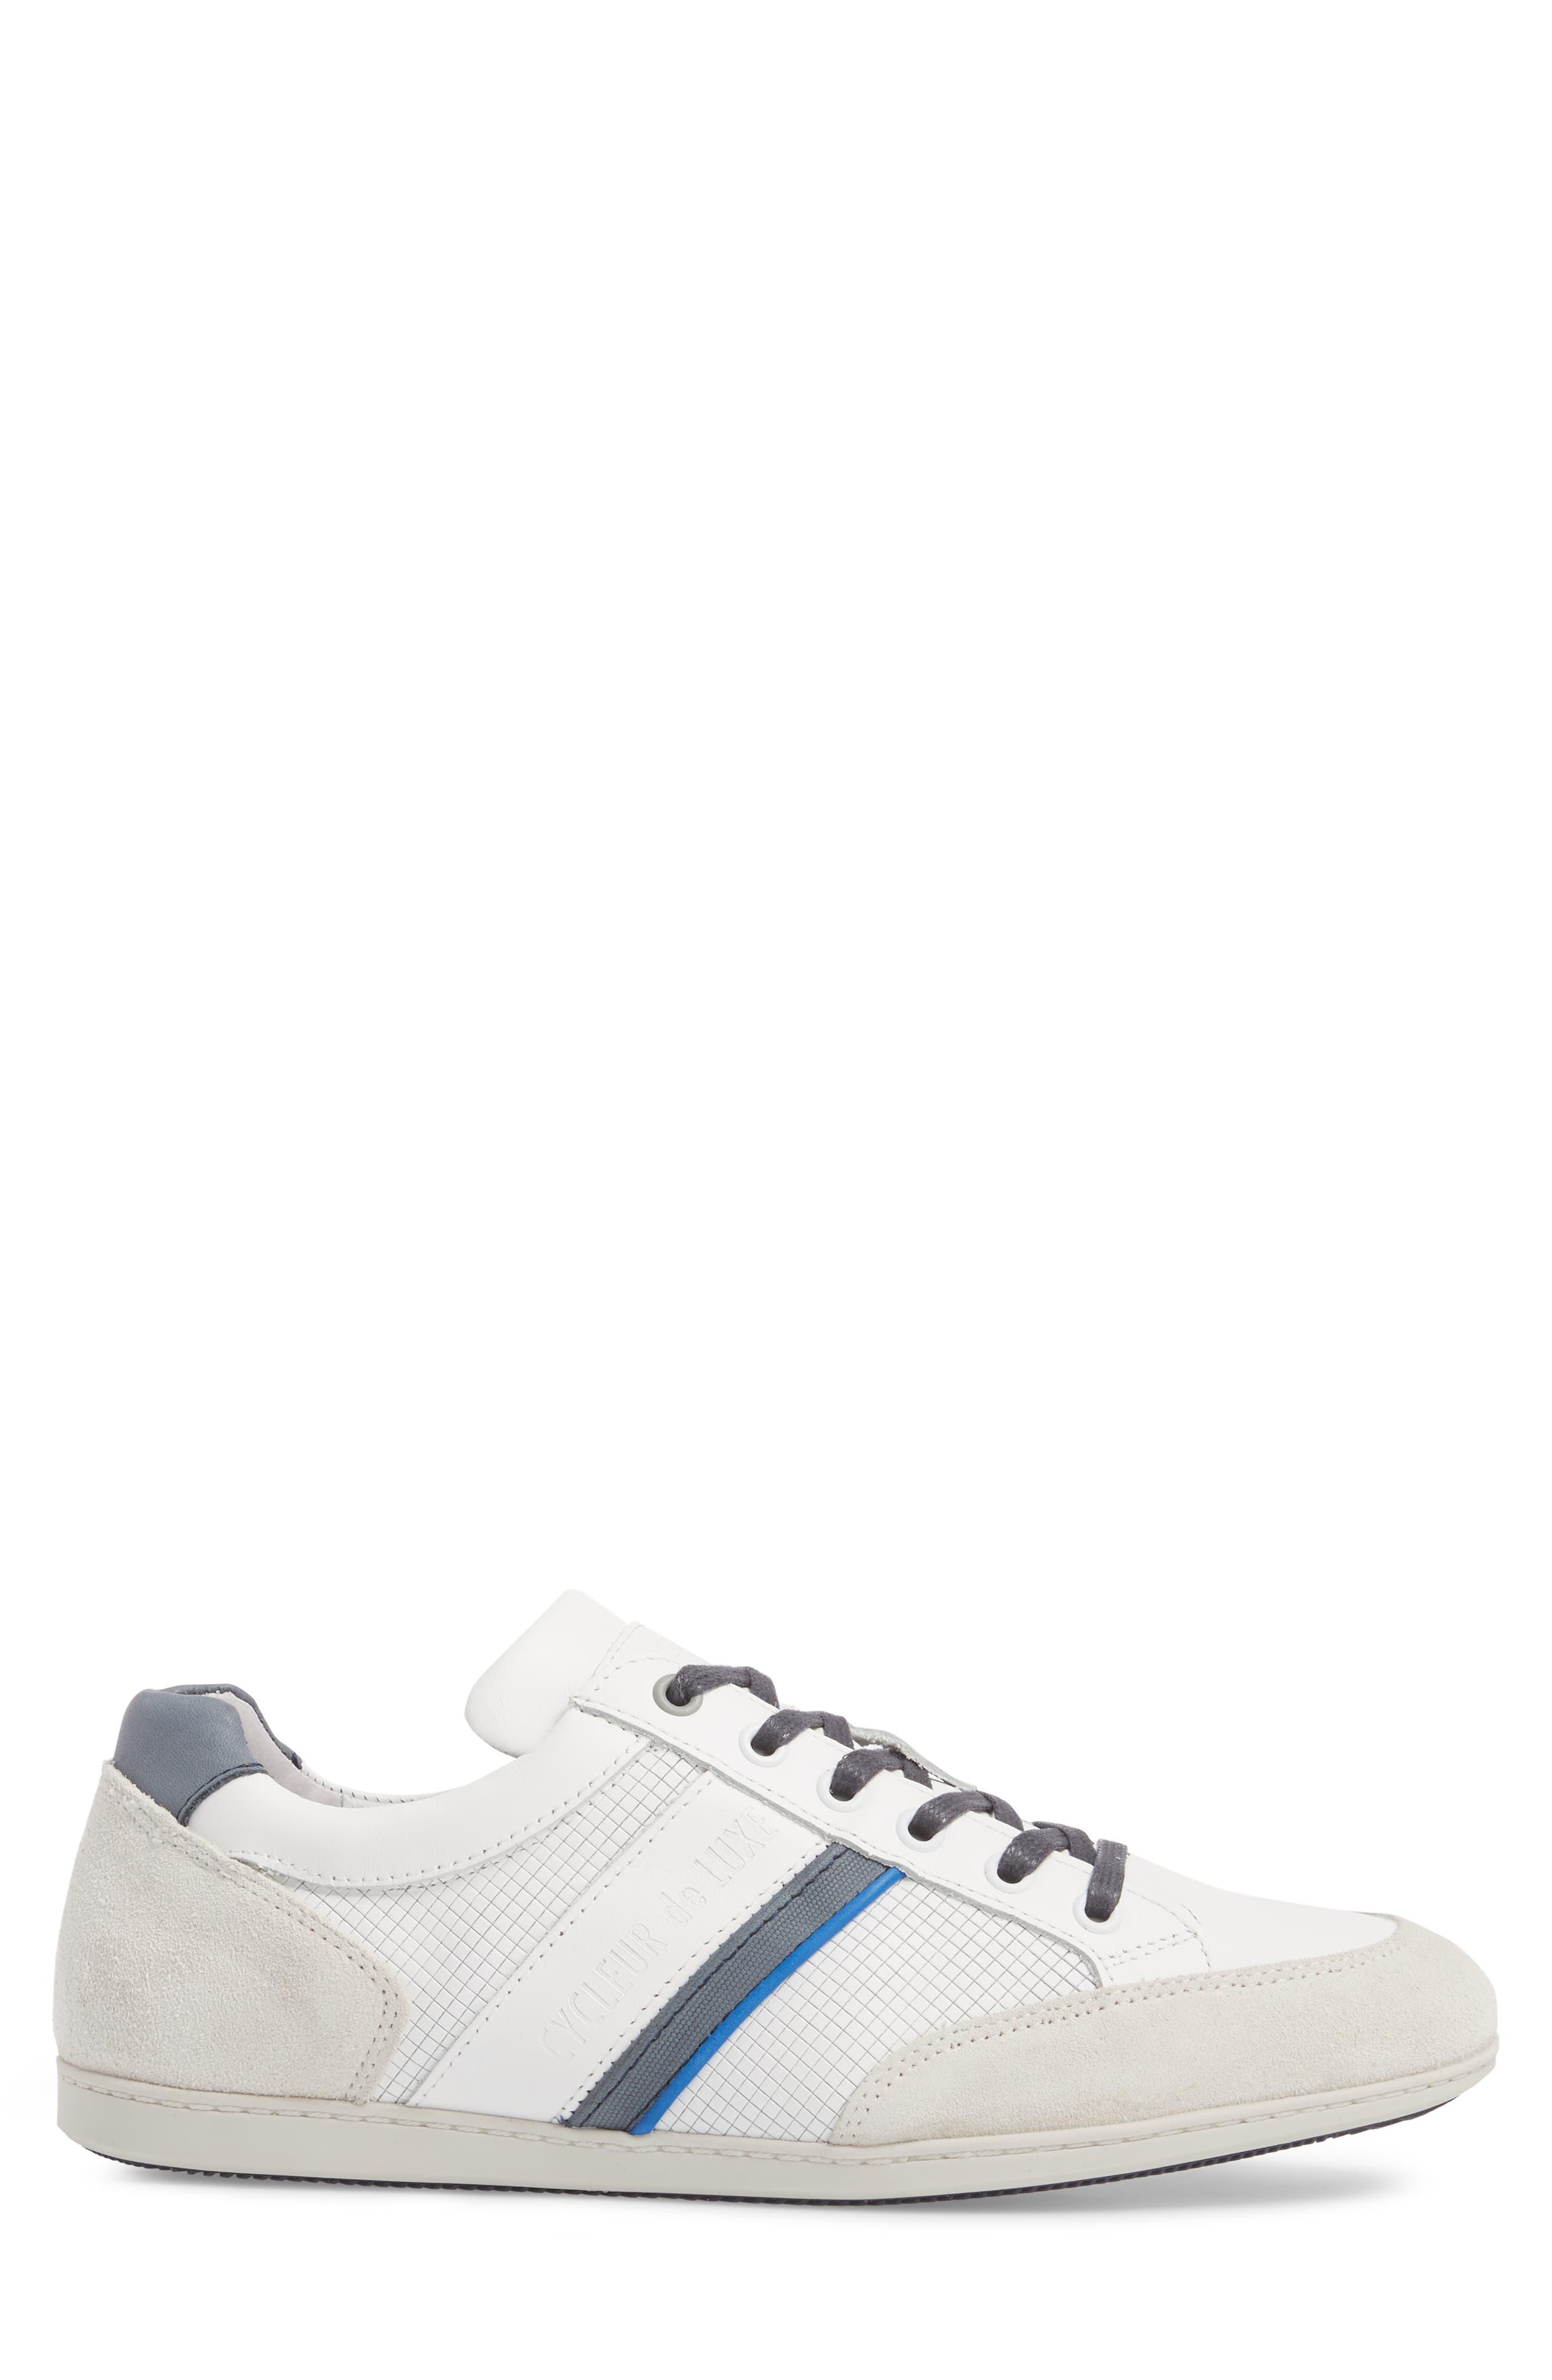 Bahamas Low Top Sneaker,                             Alternate thumbnail 3, color,                             100